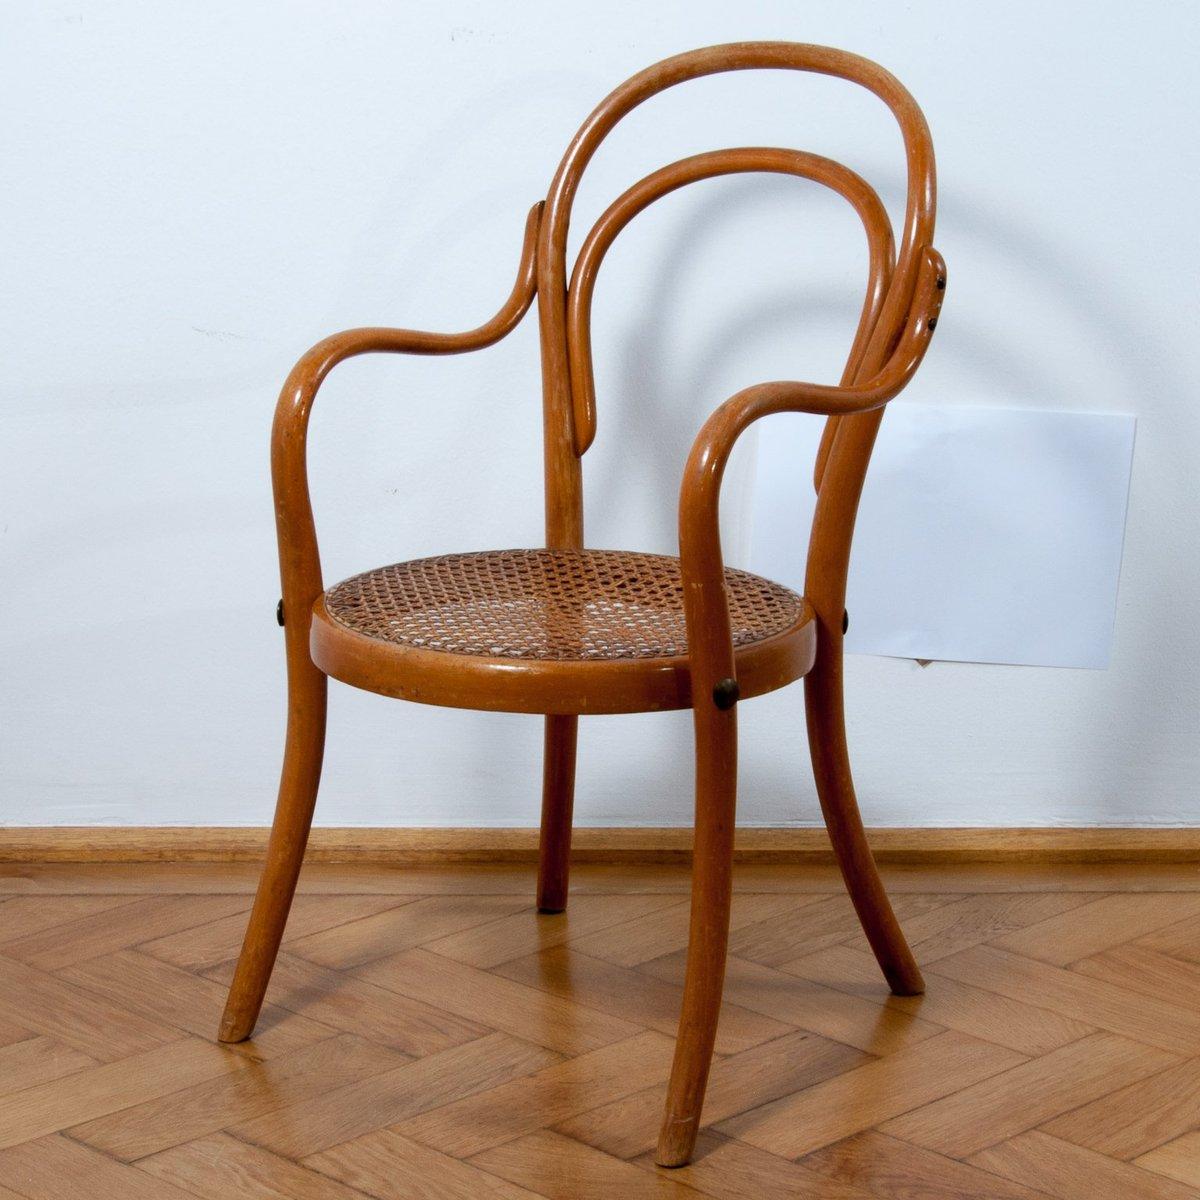 chaise pour enfants no 1 art nouveau de thonet en vente sur pamono. Black Bedroom Furniture Sets. Home Design Ideas